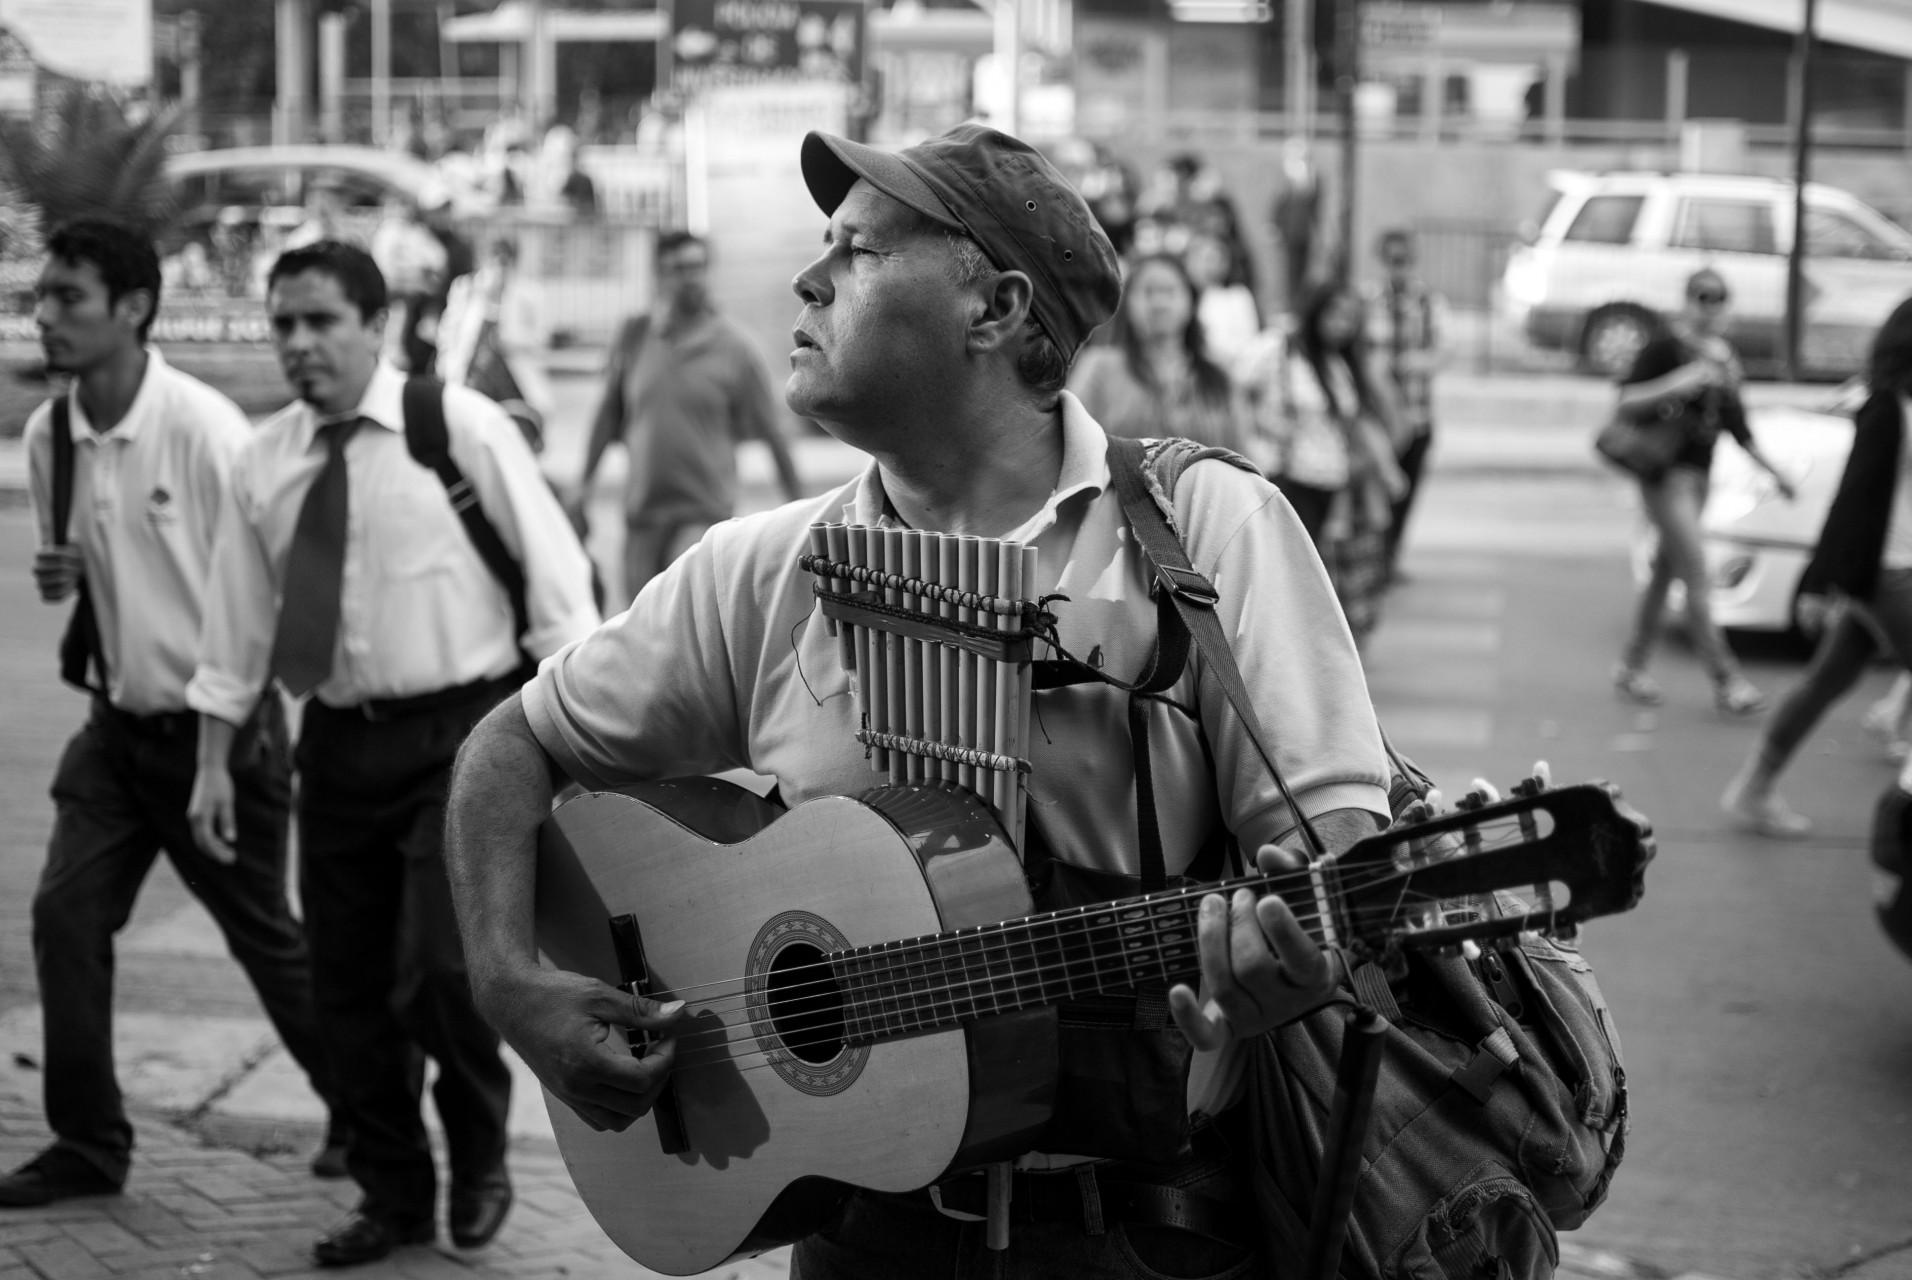 Algunos de los artistas se dedican a tocar musica en las calles.